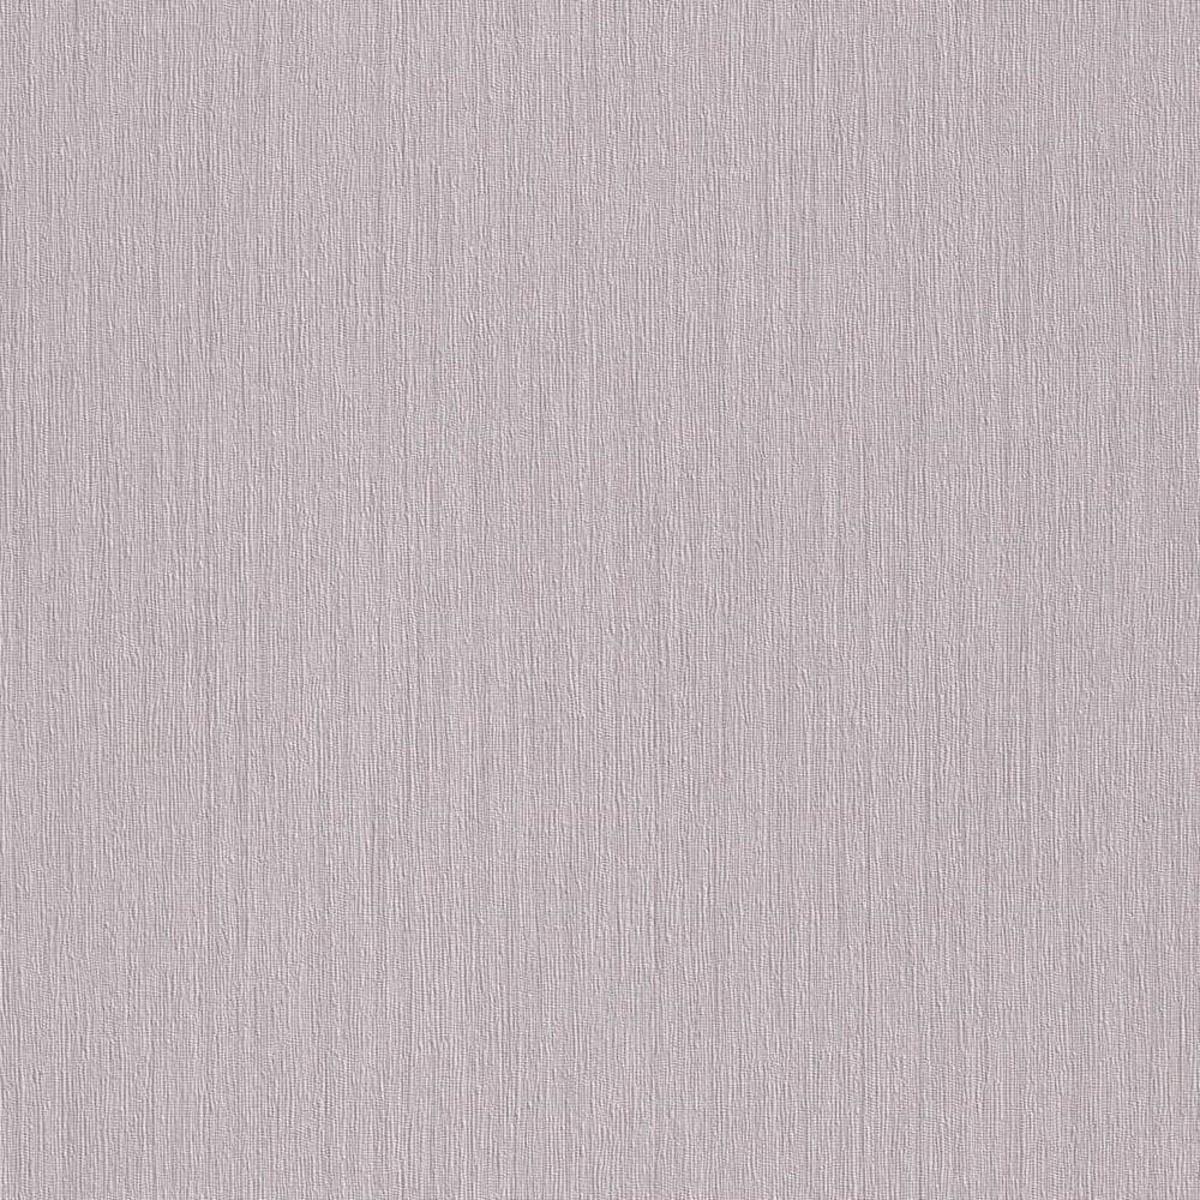 Обои флизелиновые Rasch Amelie фиолетовые 0.53 м 573534